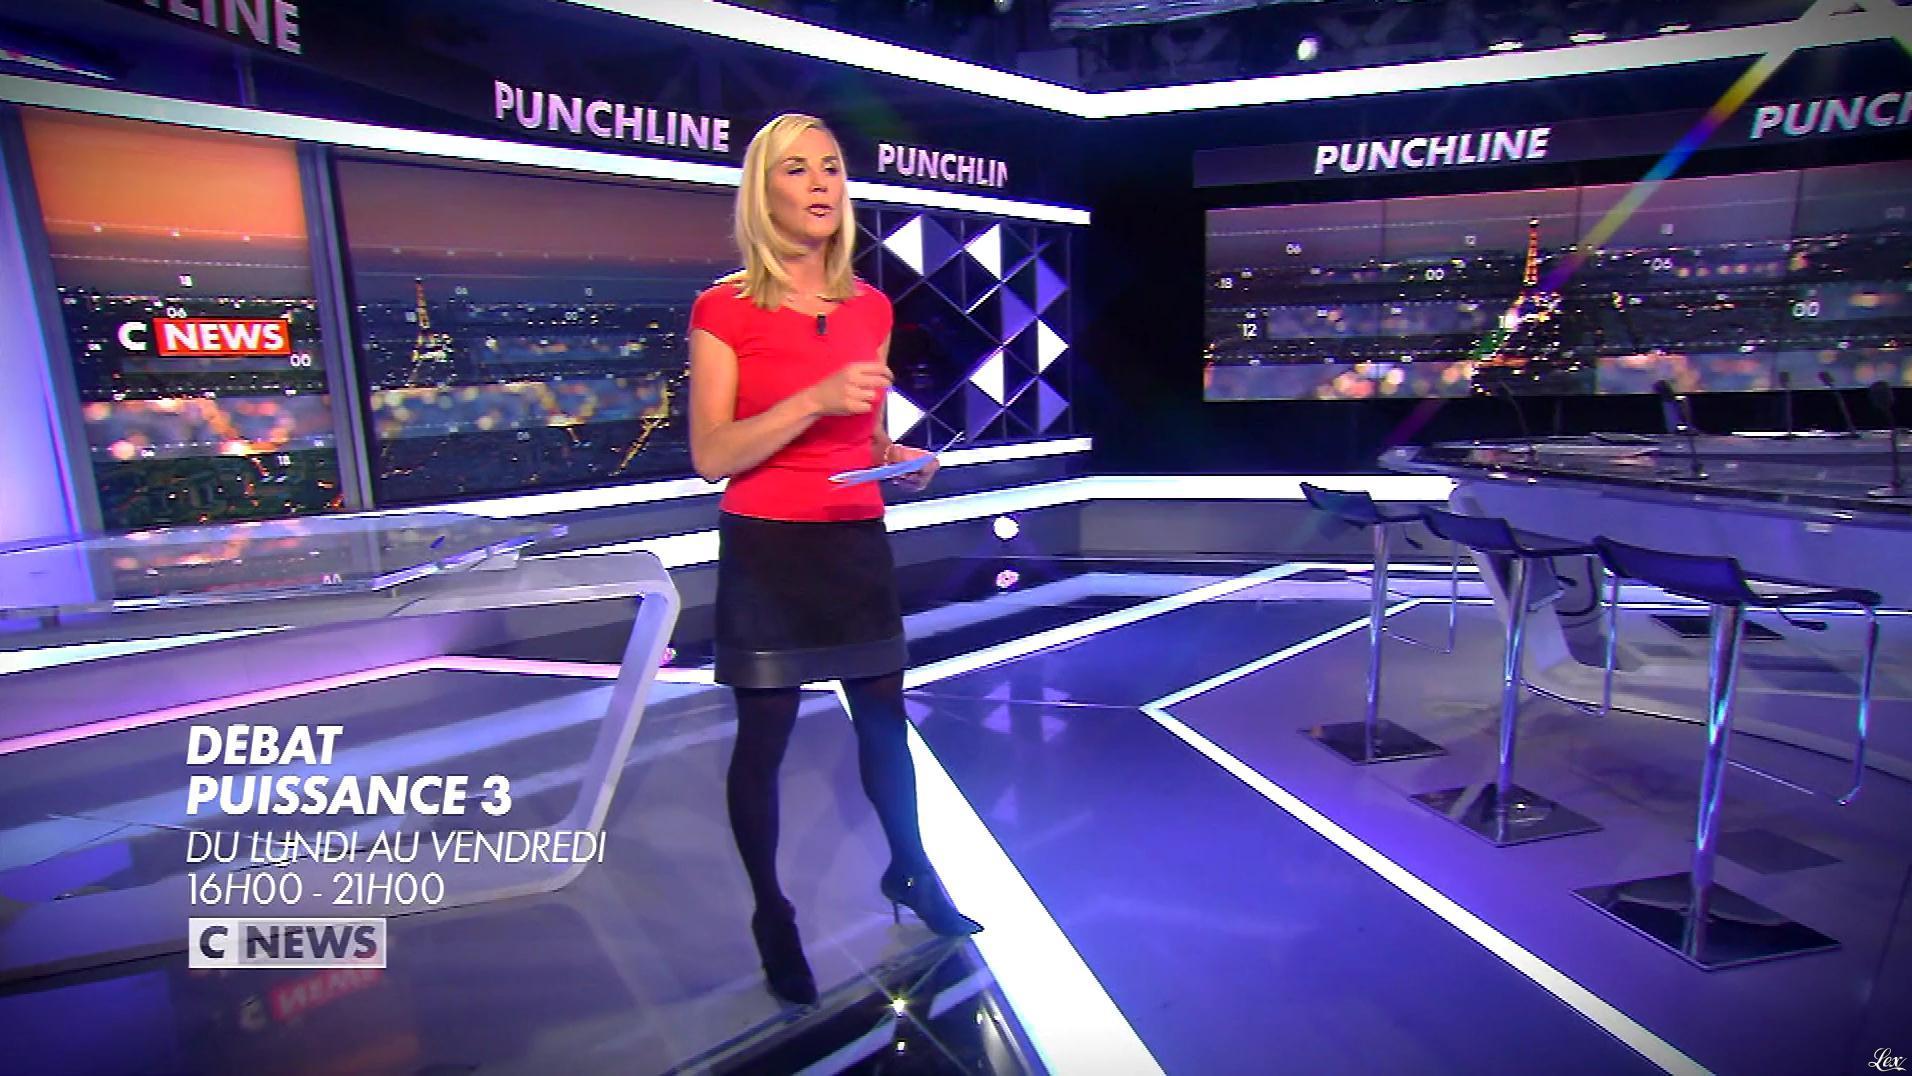 Laurence Ferrari dans une Bande-Annonce de Punchline. Diffusé à la télévision le 21/01/19.